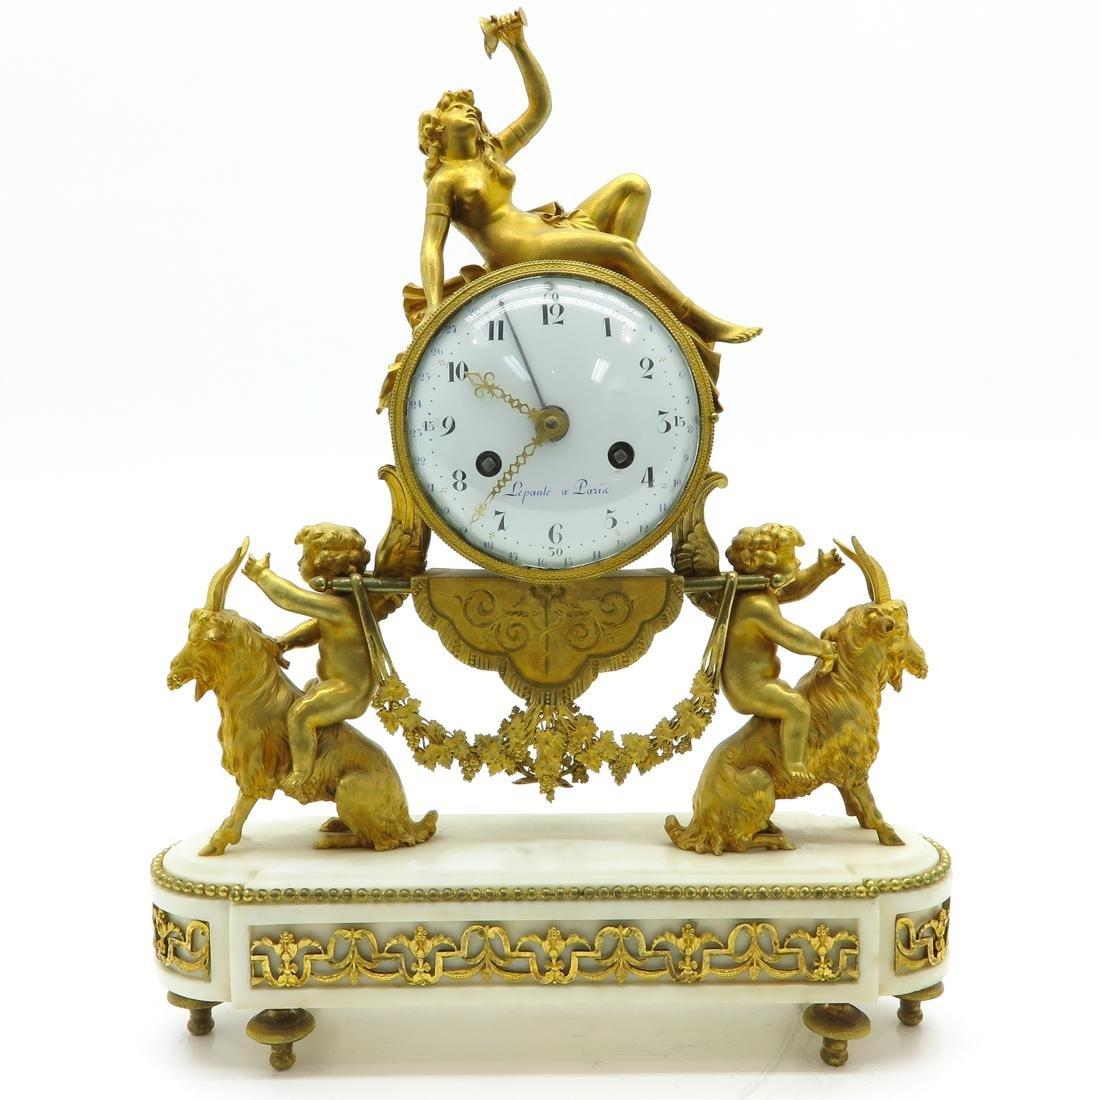 French Louis XVI Period Pendule Signed Le Poute a Paris